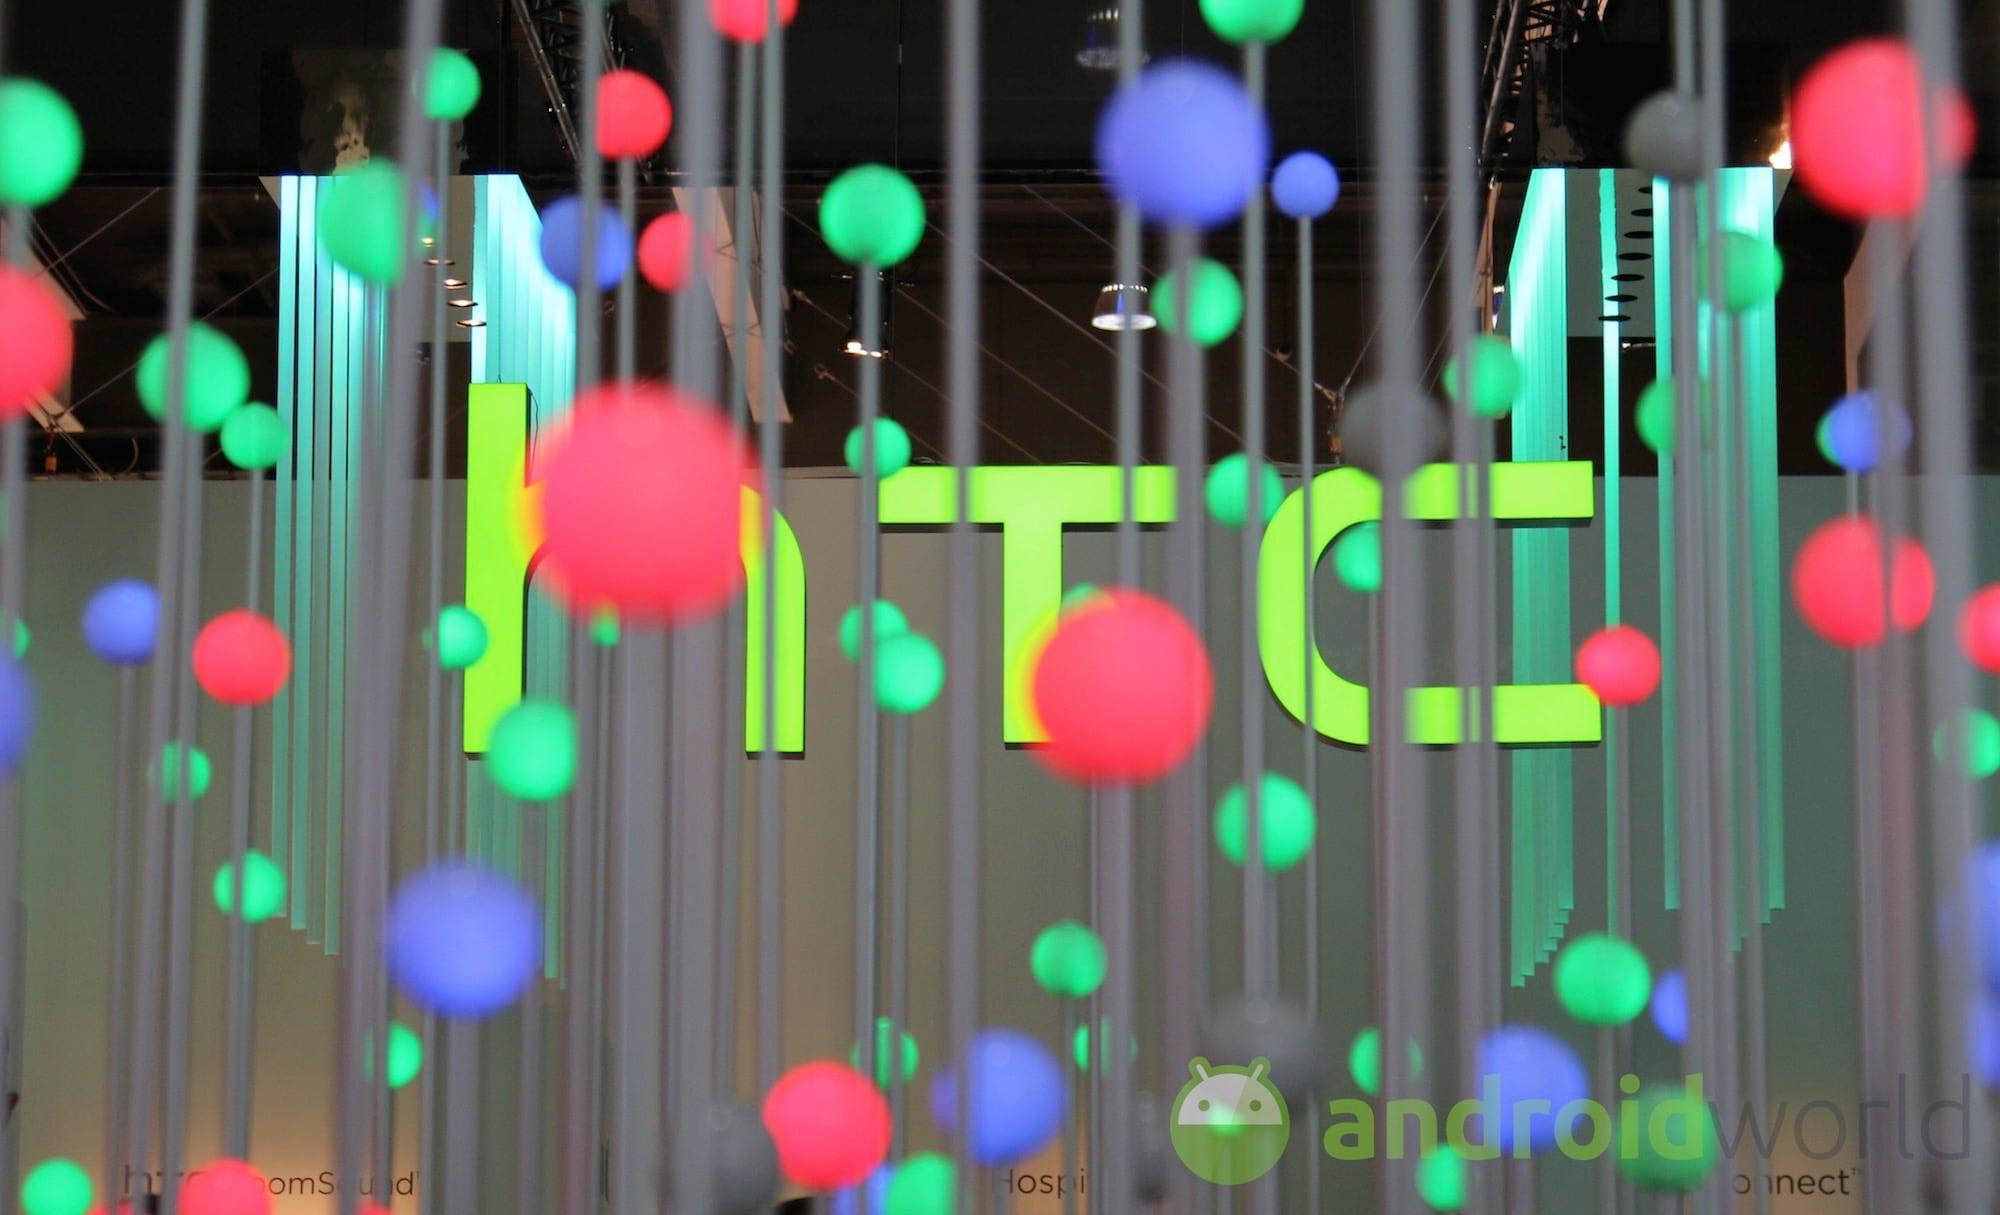 Spiraglio di luce per HTC: a settembre +31,35% su base annua